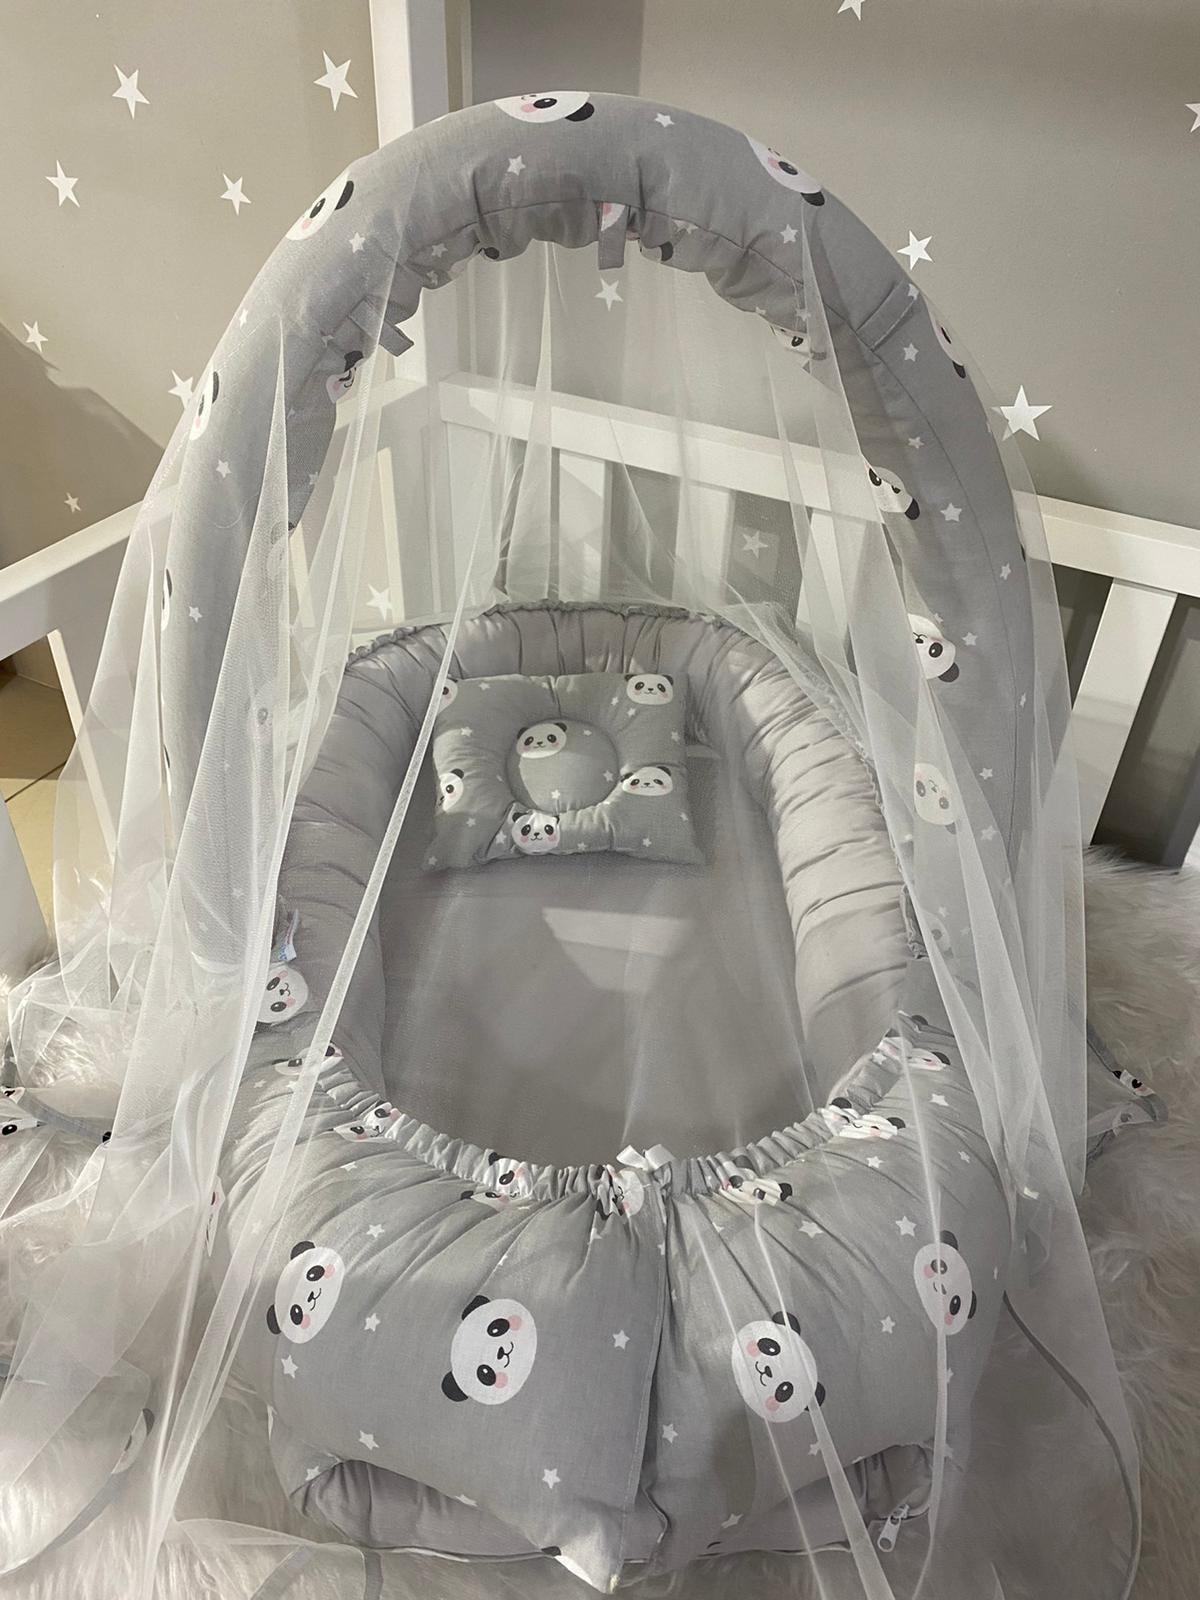 Jaju Baby Handmade Gray Panda Mosquito Net and Toy Hanger Luxury Design Babynest